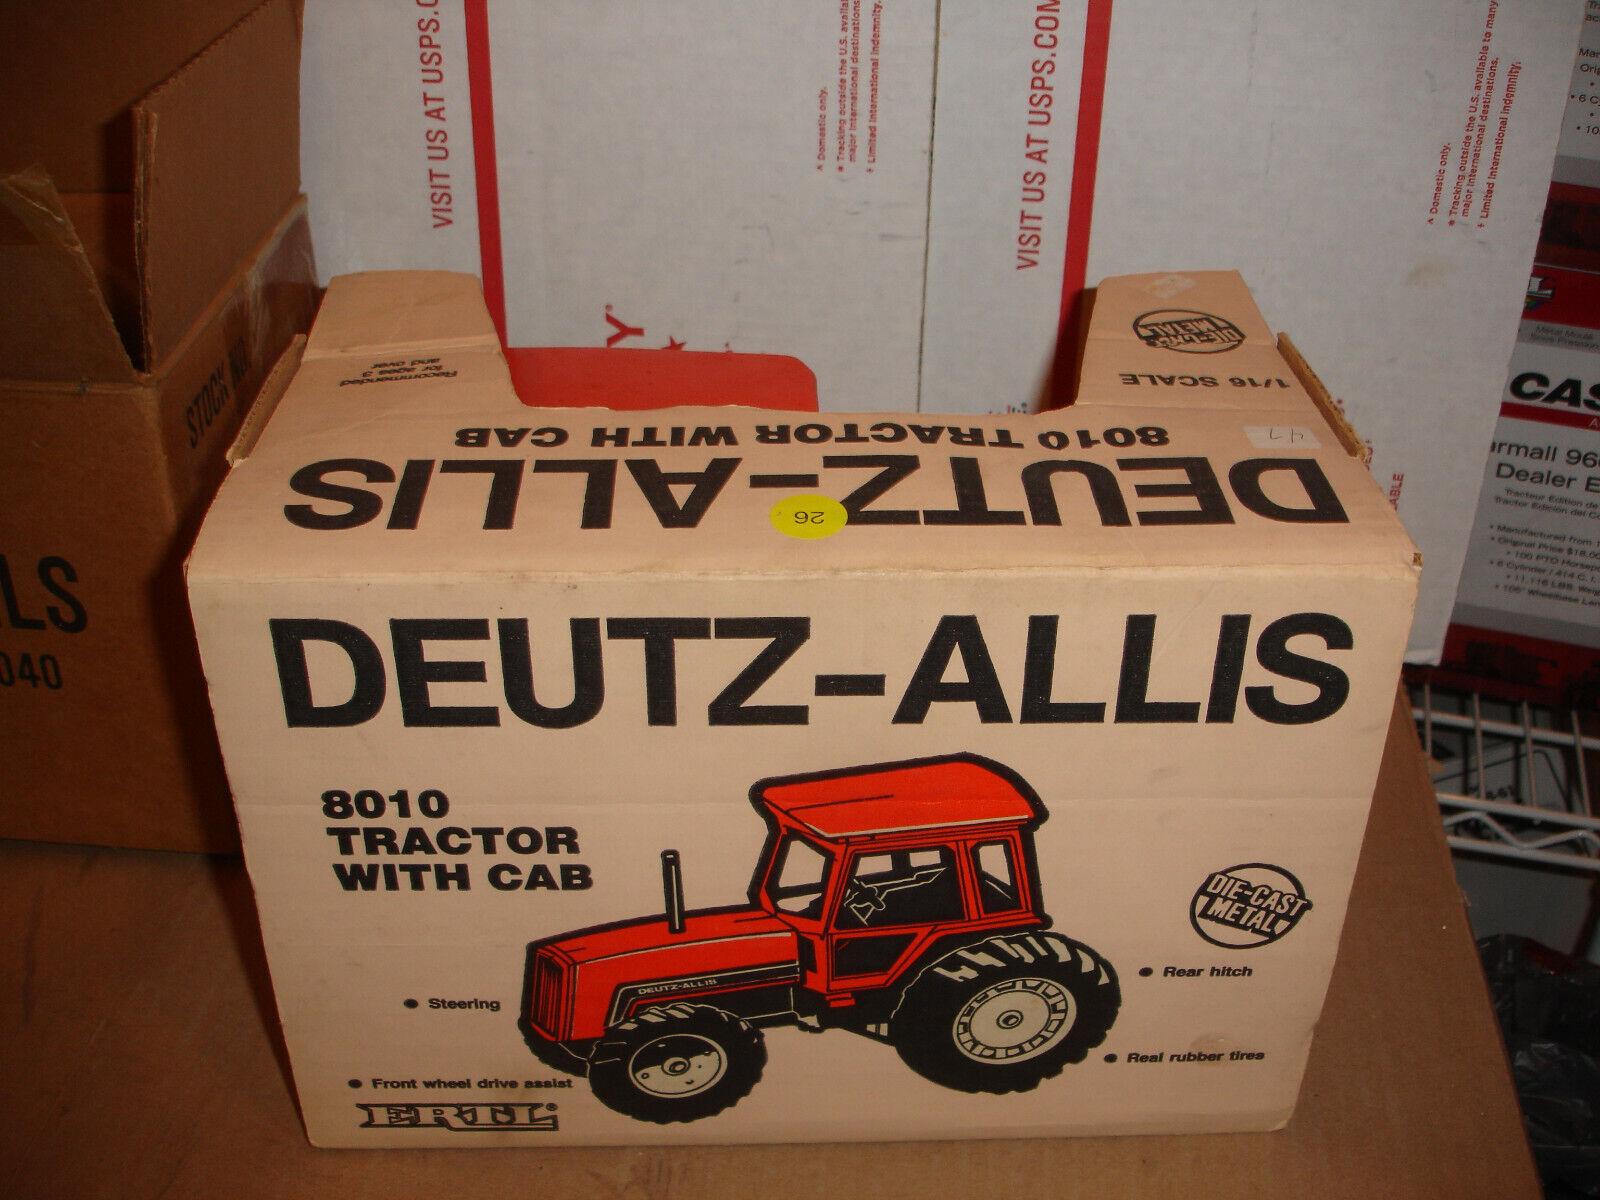 1 16 Deutz Allis jouet tracteur 8010